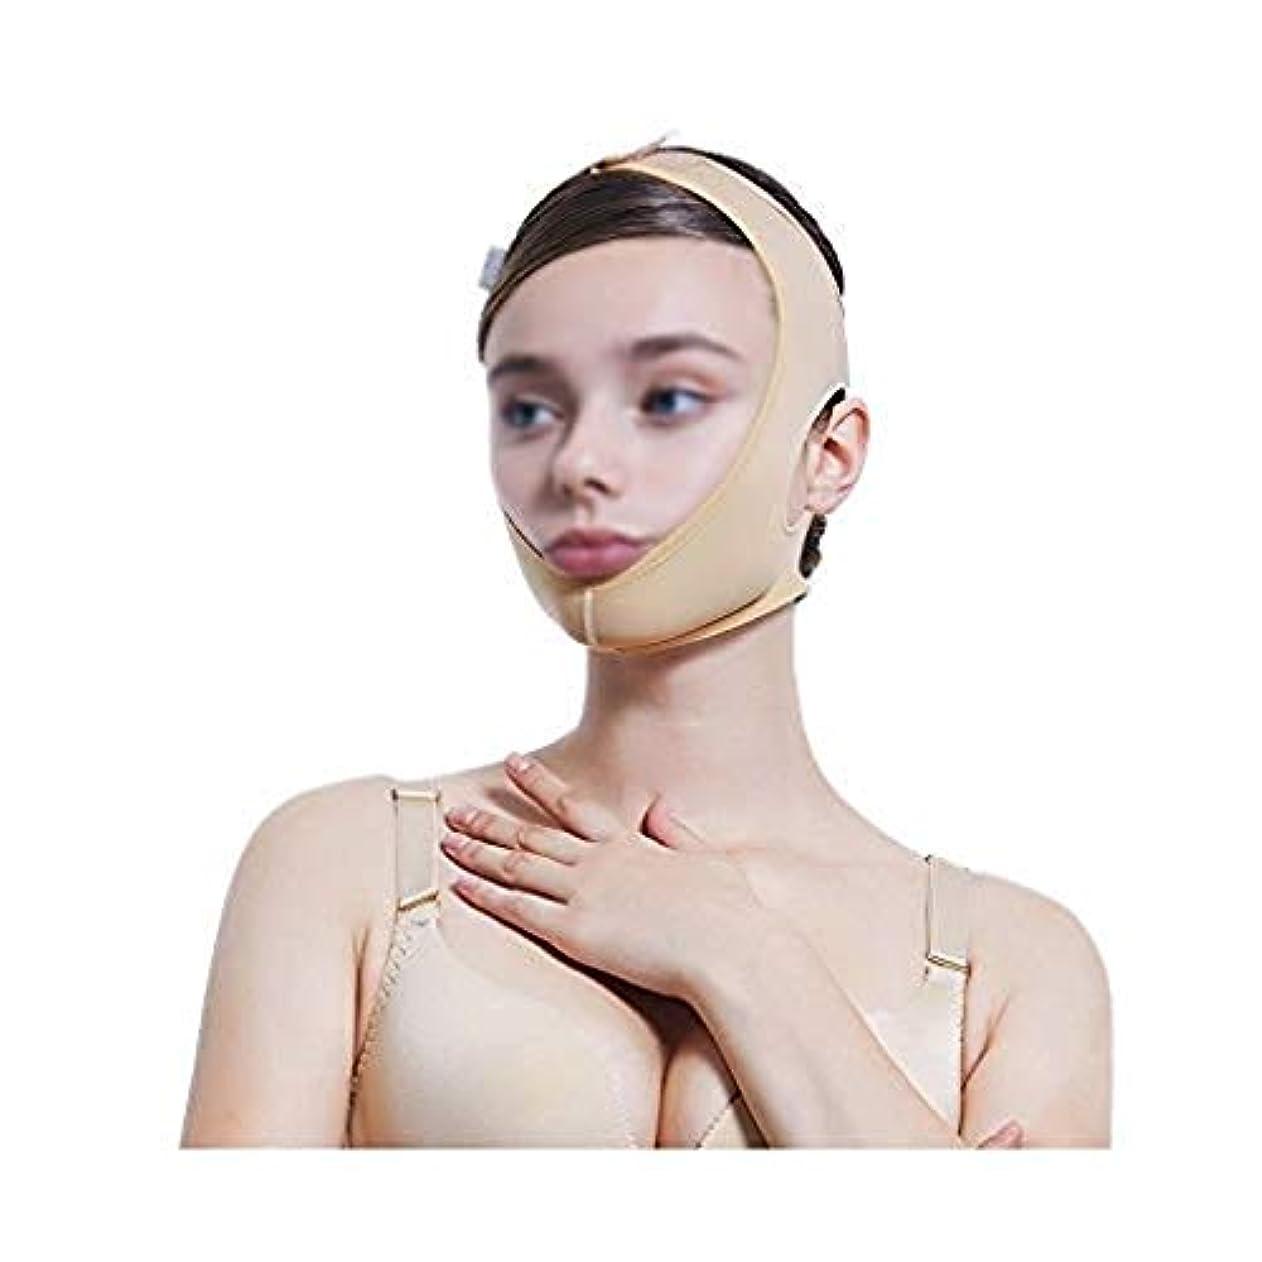 調停するみなす教育するMLX フェイスアンドネックリフト、減量ポストヘッドシンダブルチンアーティファクトVフェイスビームフェイスジョーセットフェイスマスク (Size : M)